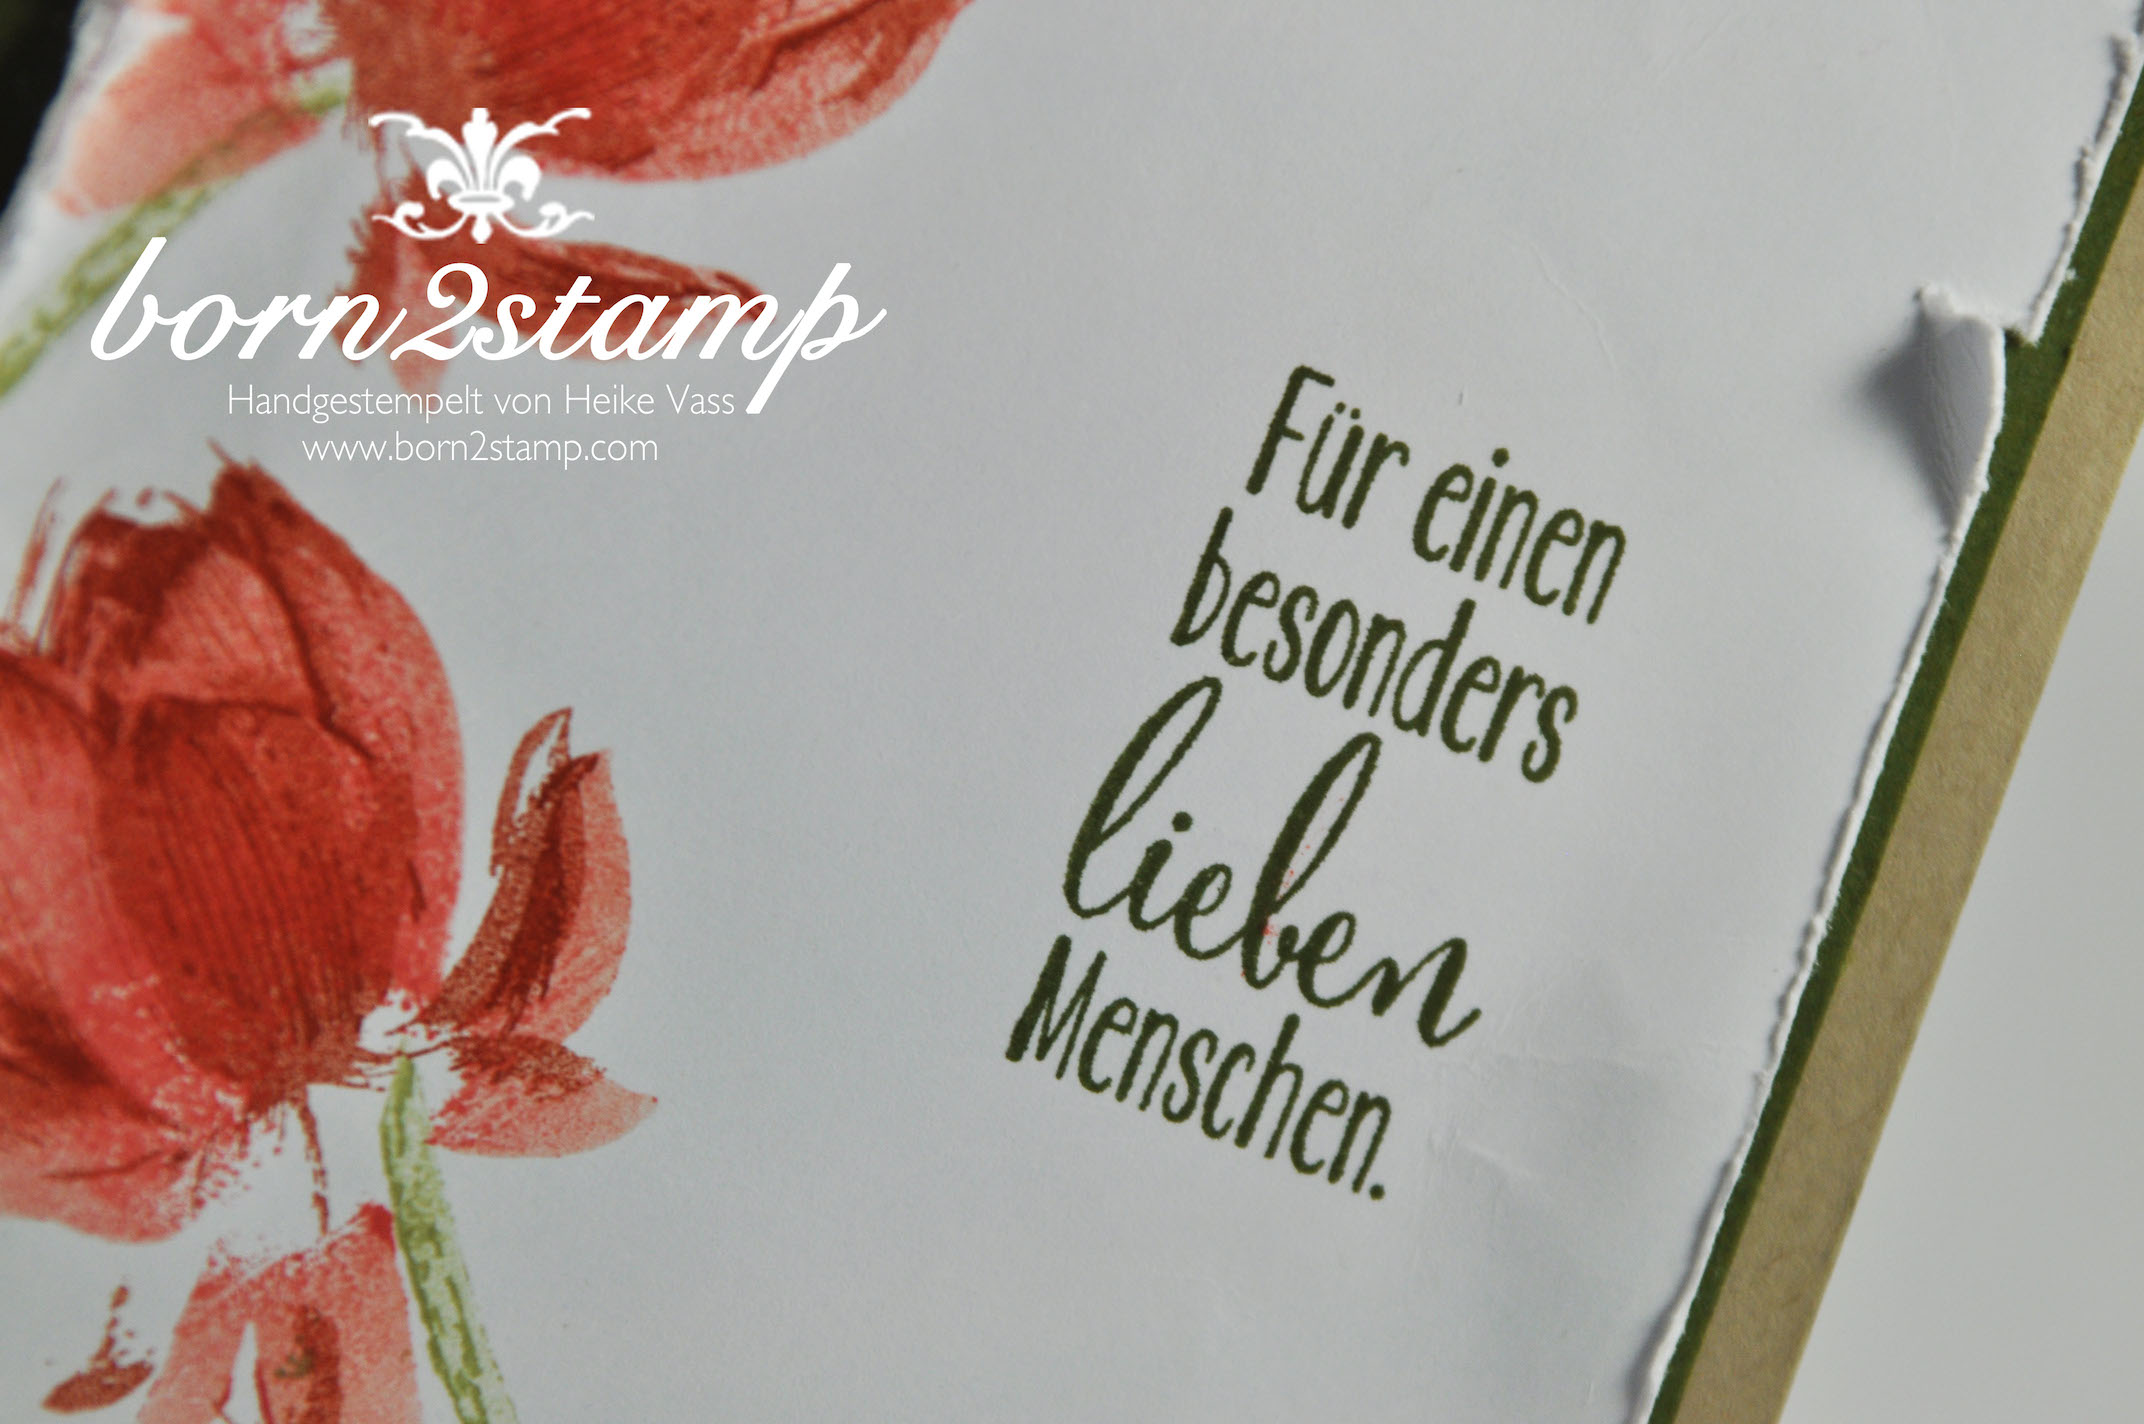 Für Einen Besonders Lieben Menschen Born2stamp Heike Vass